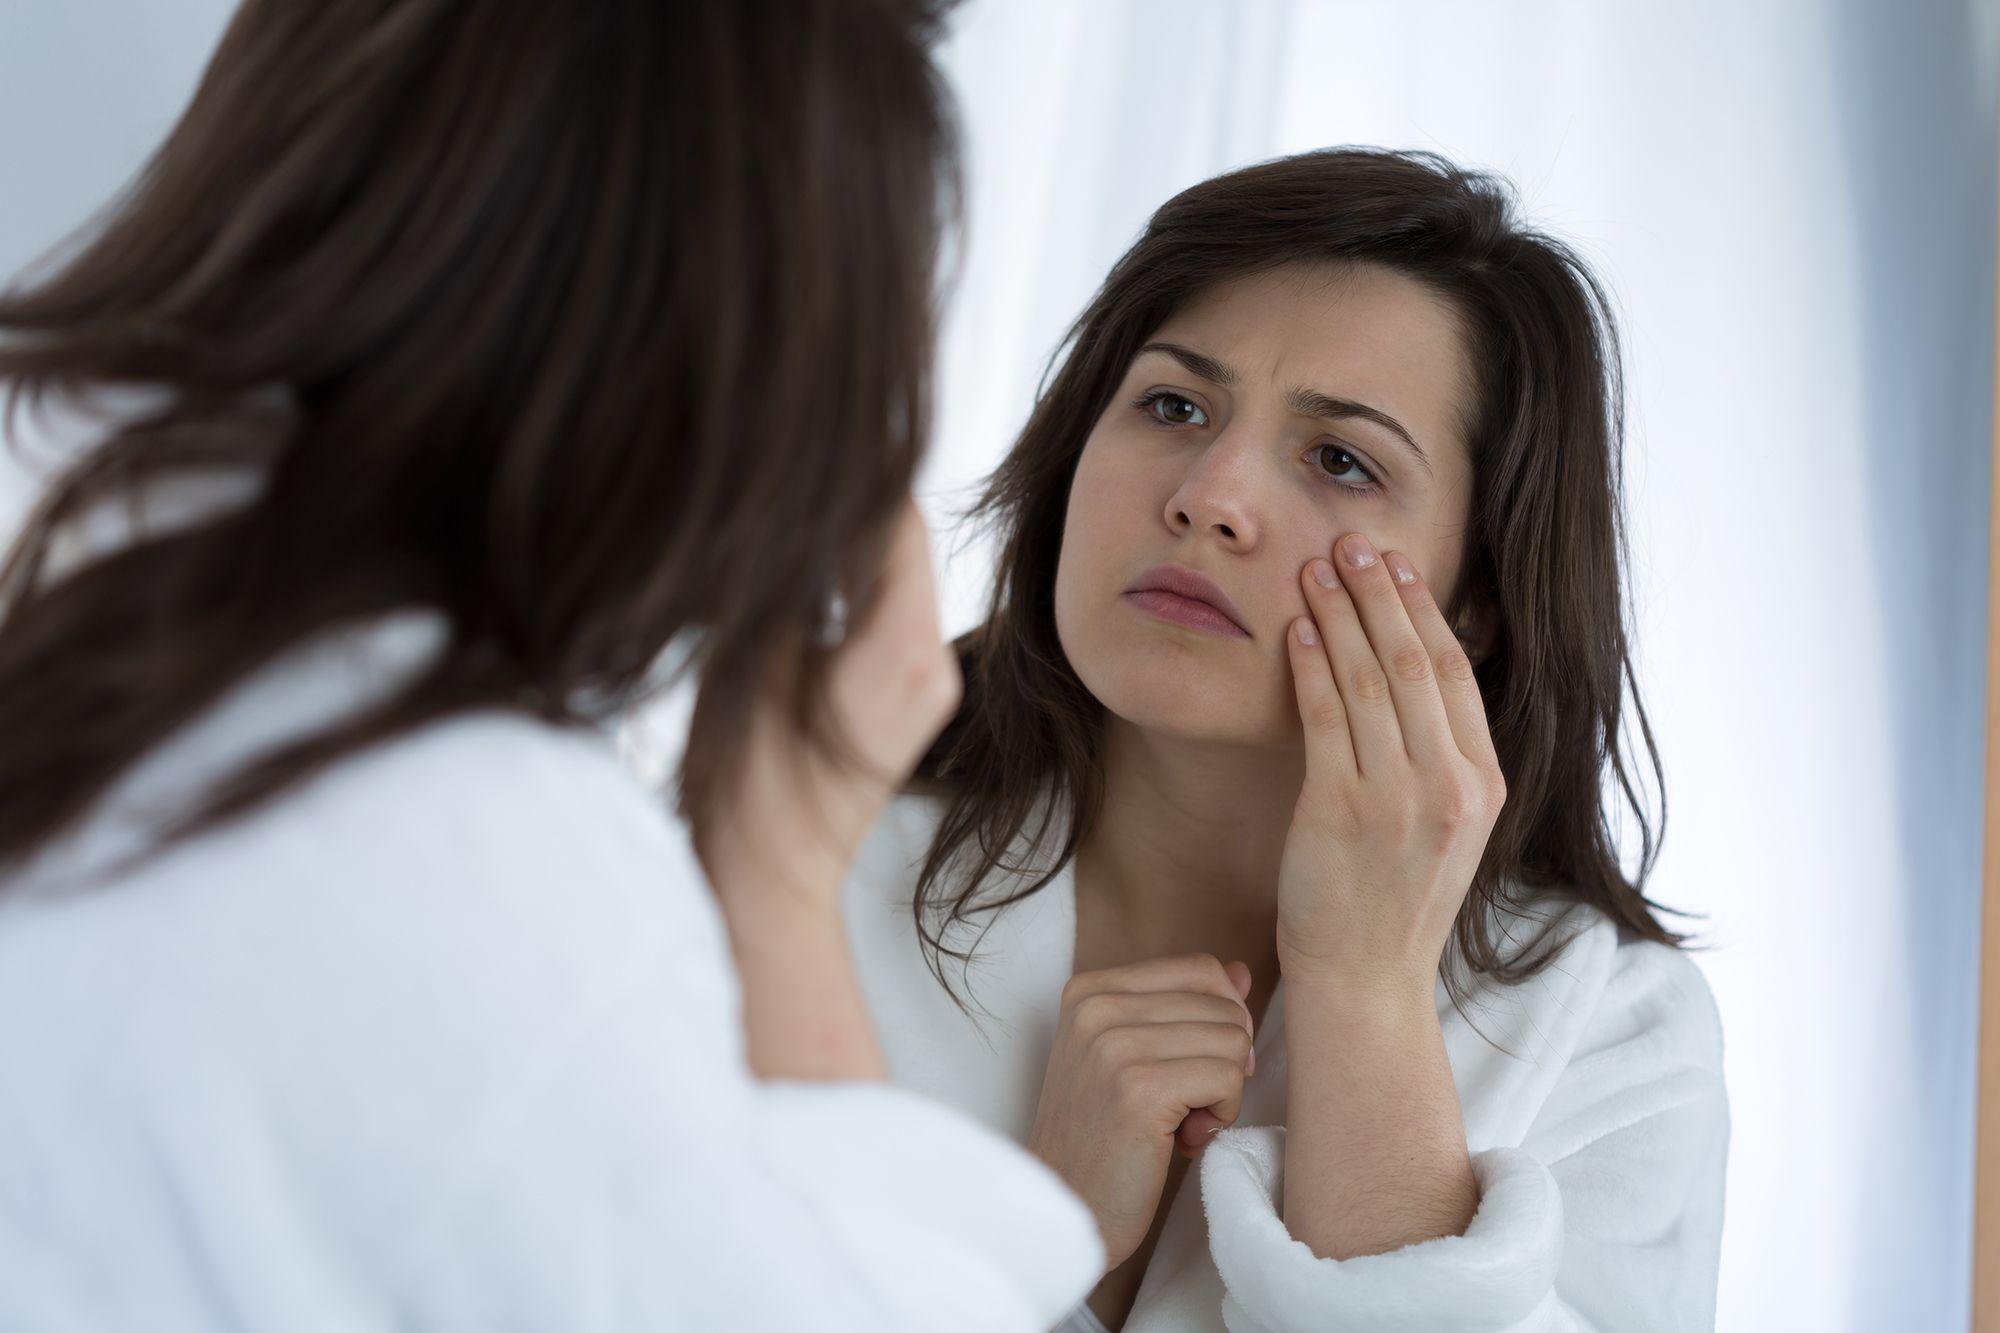 Izsušena koža, akne, podočnjaki, poslabšanje kožnih bolezni so lahko znaki stresa.